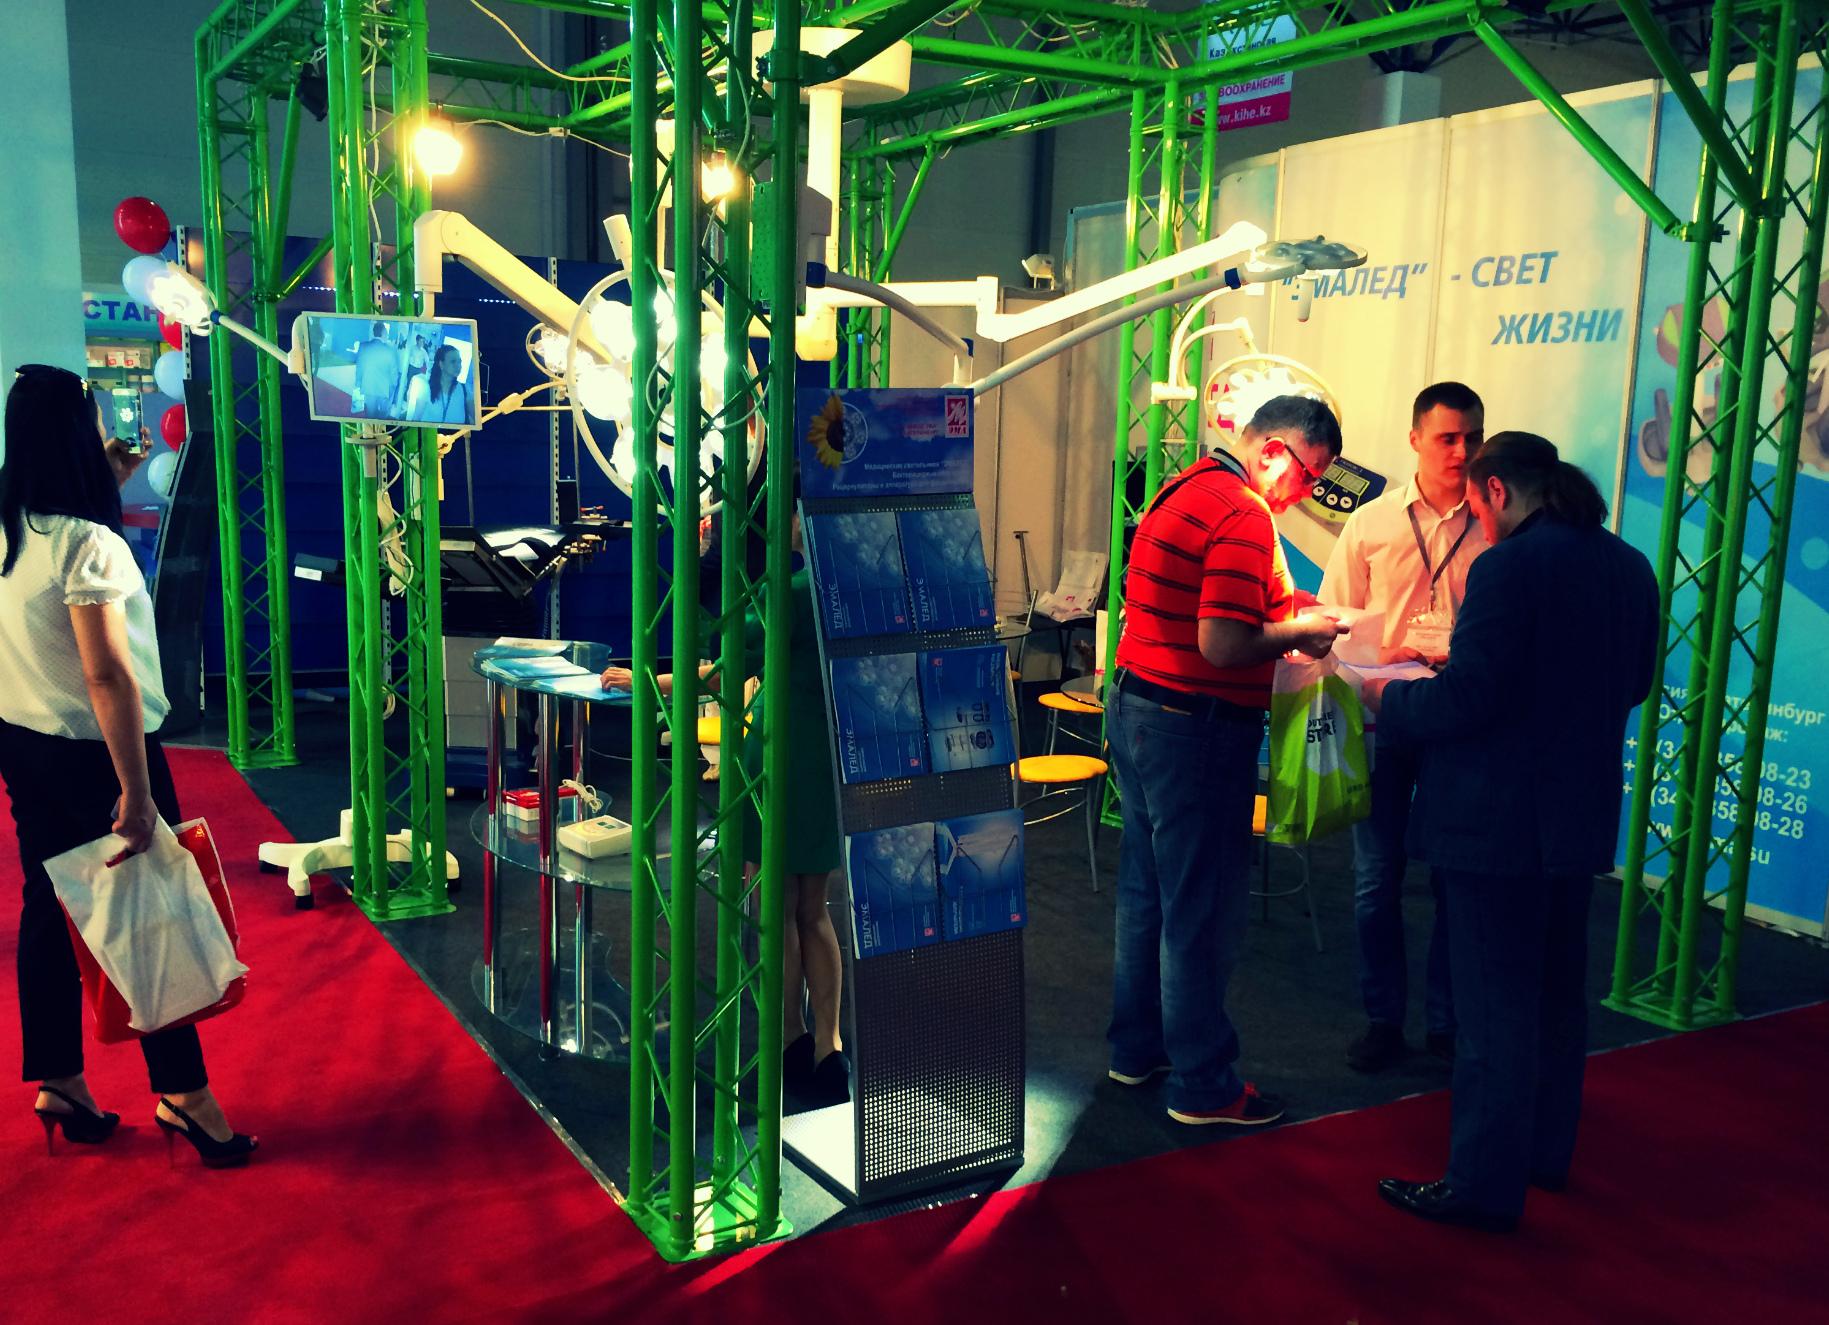 Хирургические светильники на выставке в Казахстане